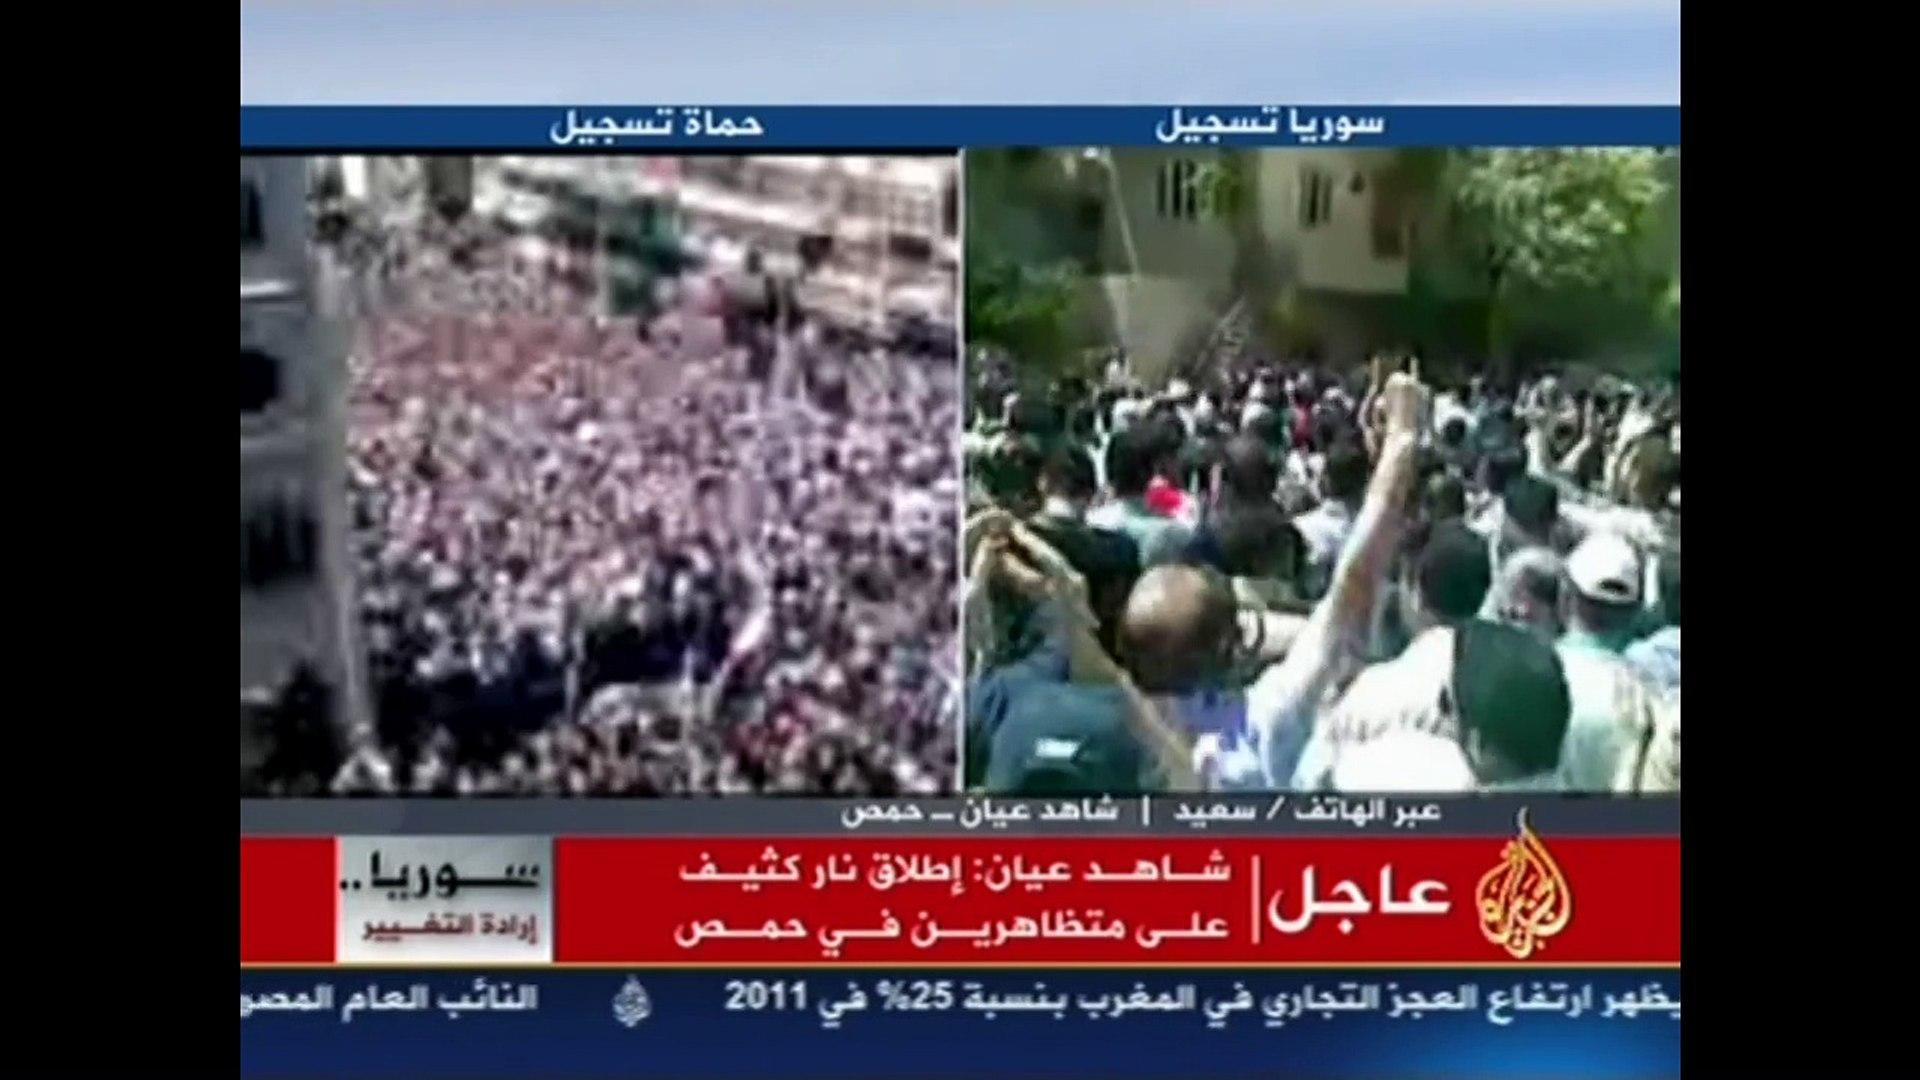 بسام أبو عبد الله يستهجن قول الثوار الله أكبر  شاهد عيان من حمص وعمار القربي  صالح العلي سورية الجزي